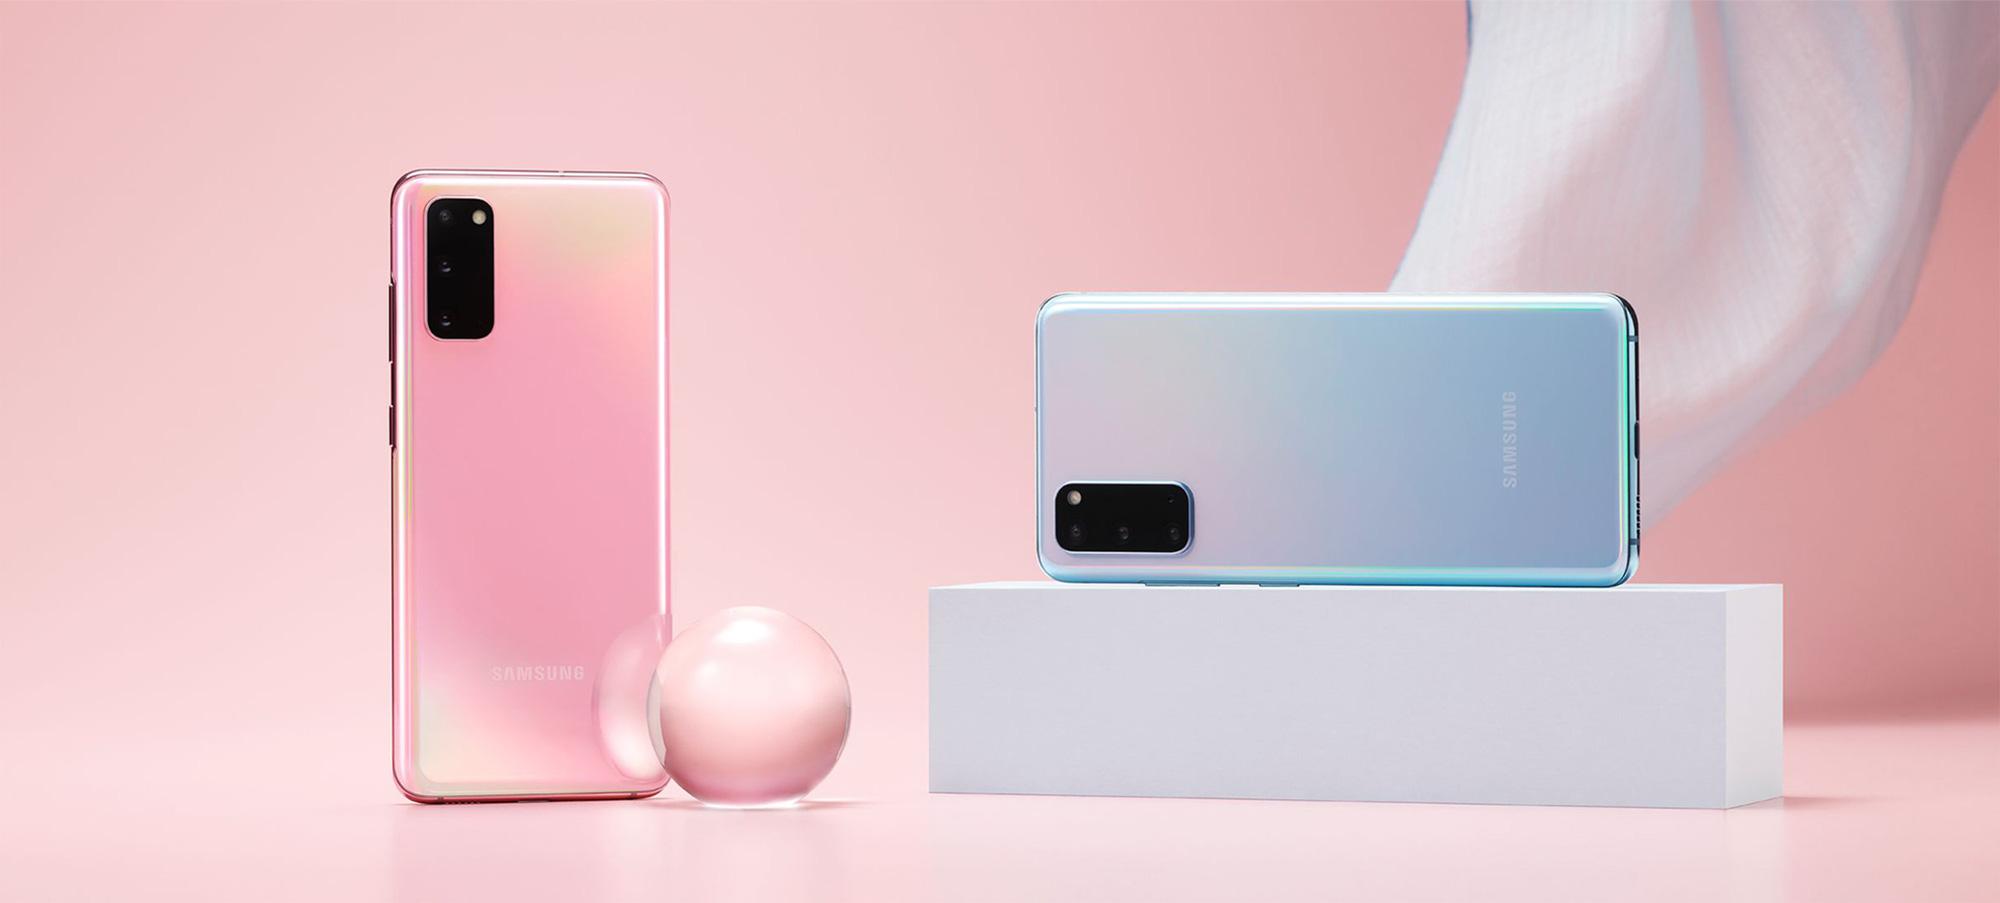 Sau 10 năm dẫn lối thành công, Galaxy S20 series sẽ đánh dấu kỷ nguyên mới của điện thoại - Ảnh 4.